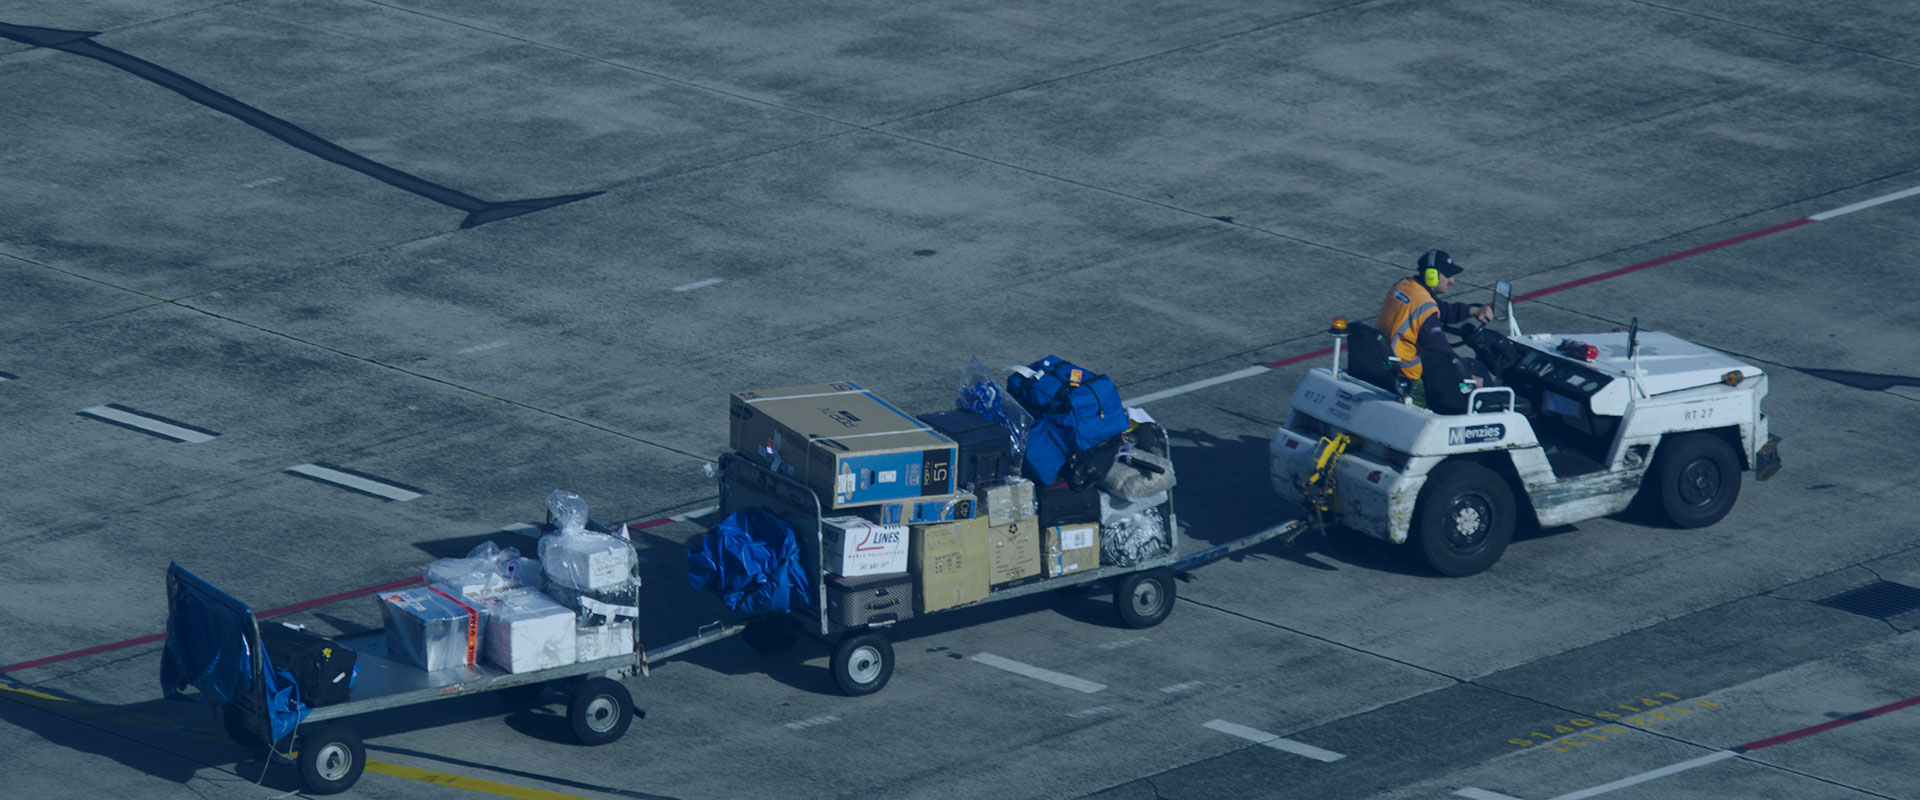 Capa banner-03.jpg - Seguro de Resp. Civil Aeroportuário